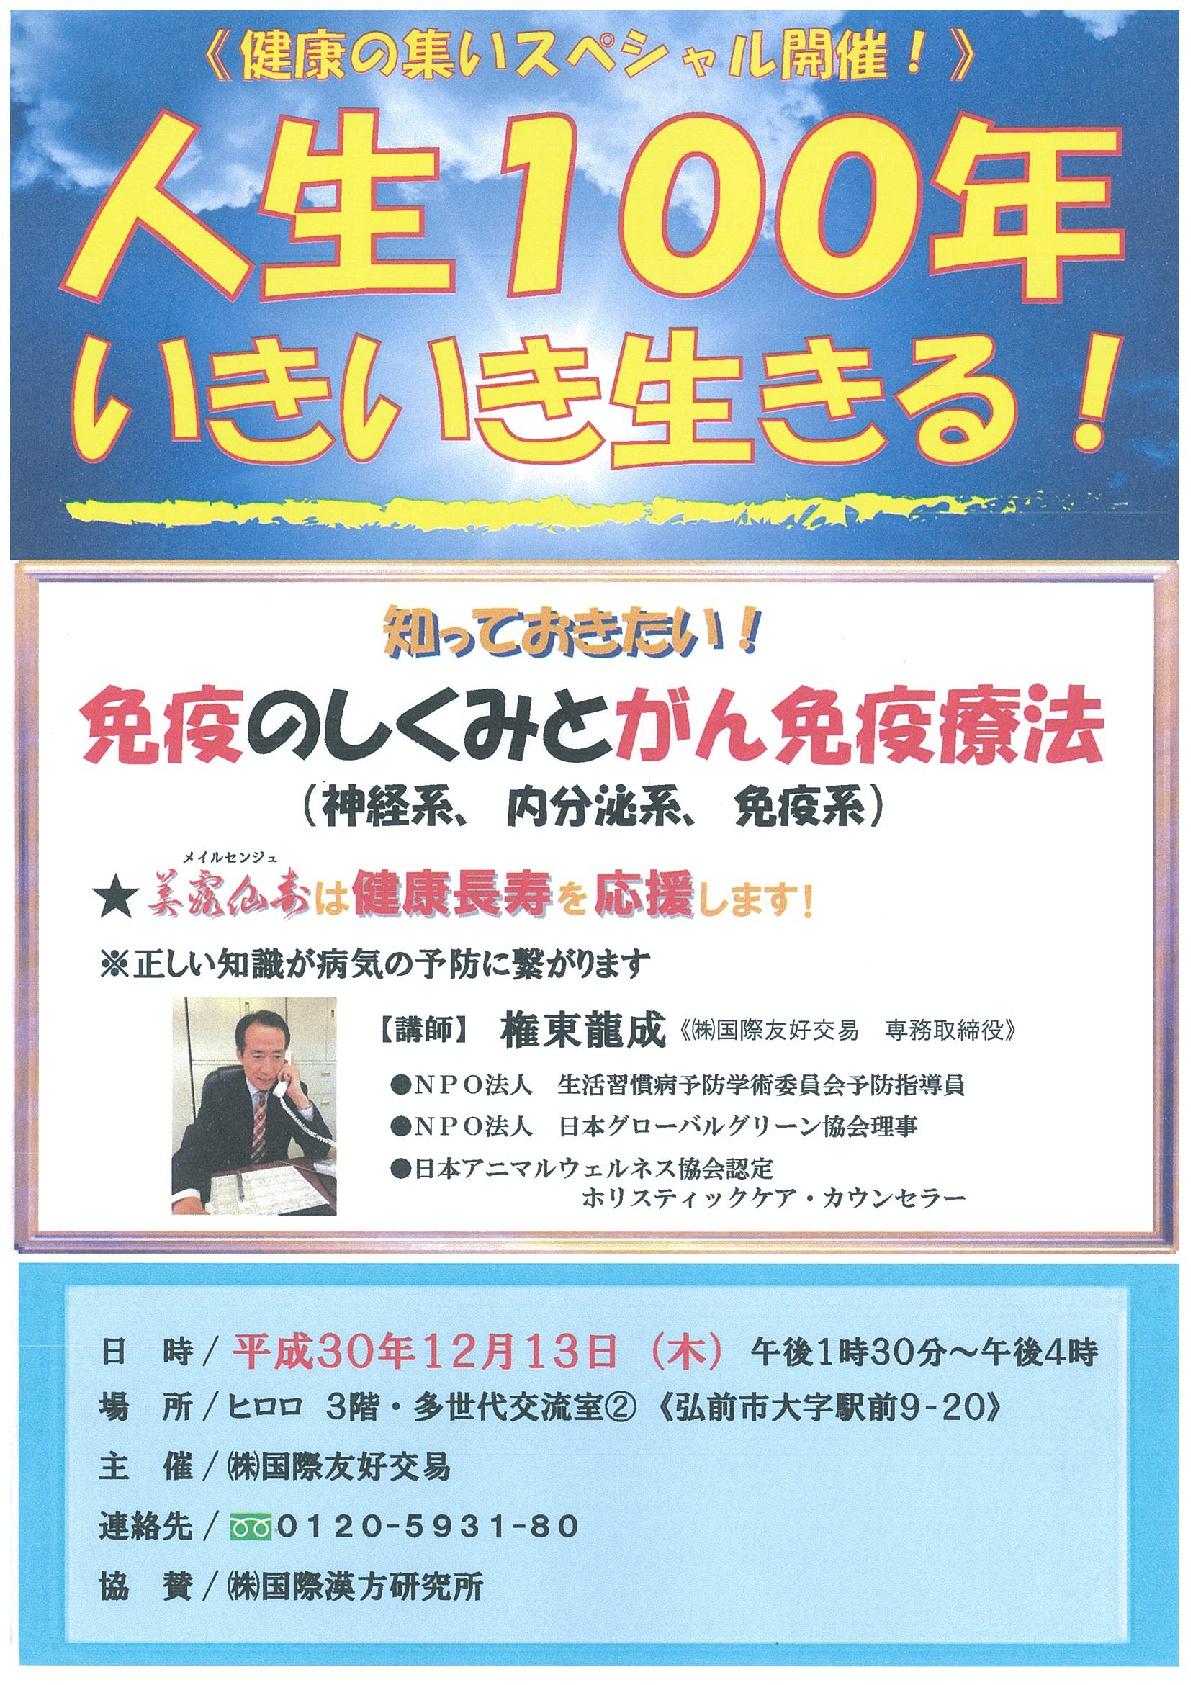 《健康の集いスペシャル開催!》人生100年 いきいき生きる!